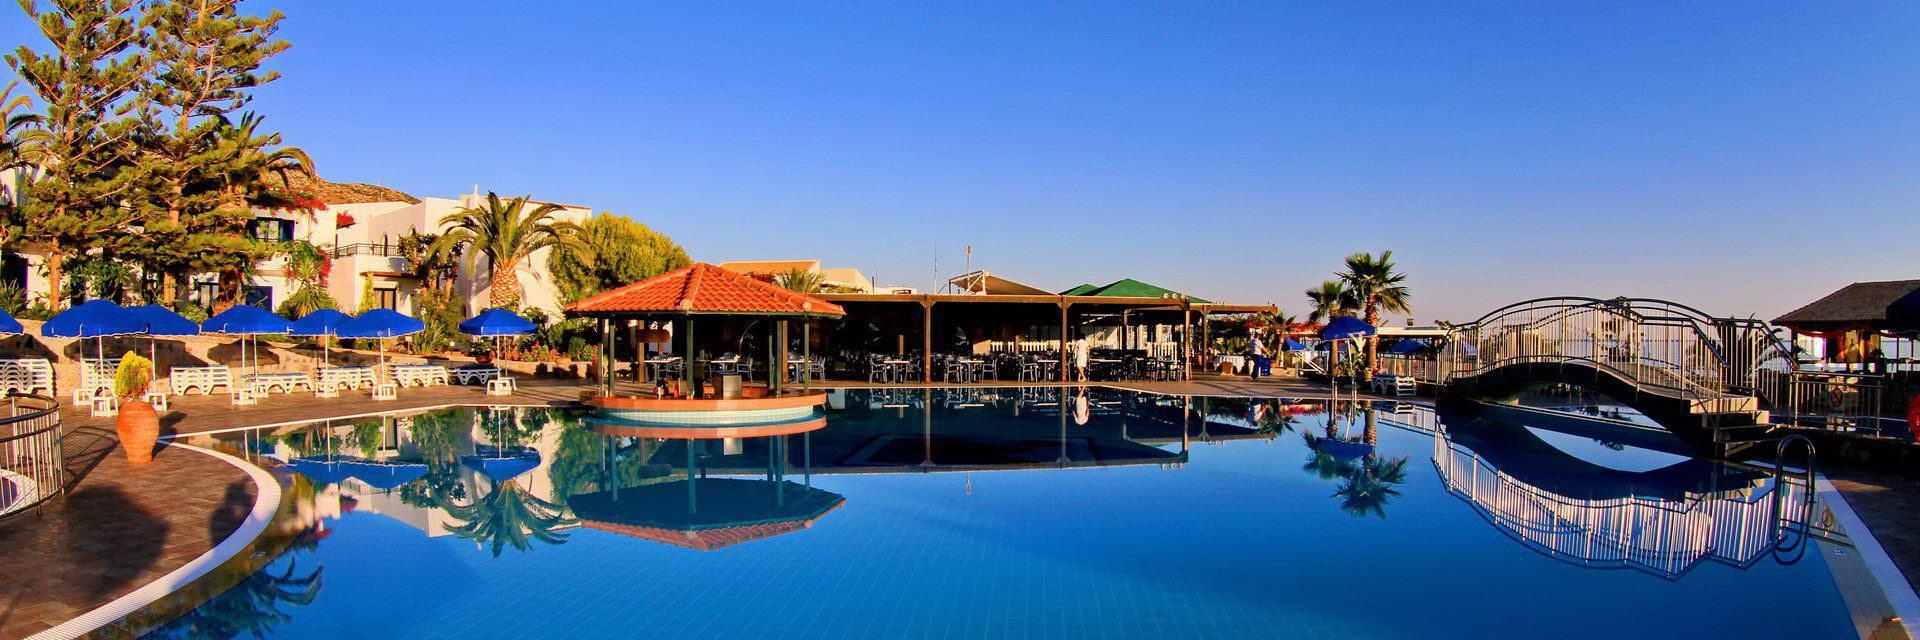 Nana Golden Beach Resort